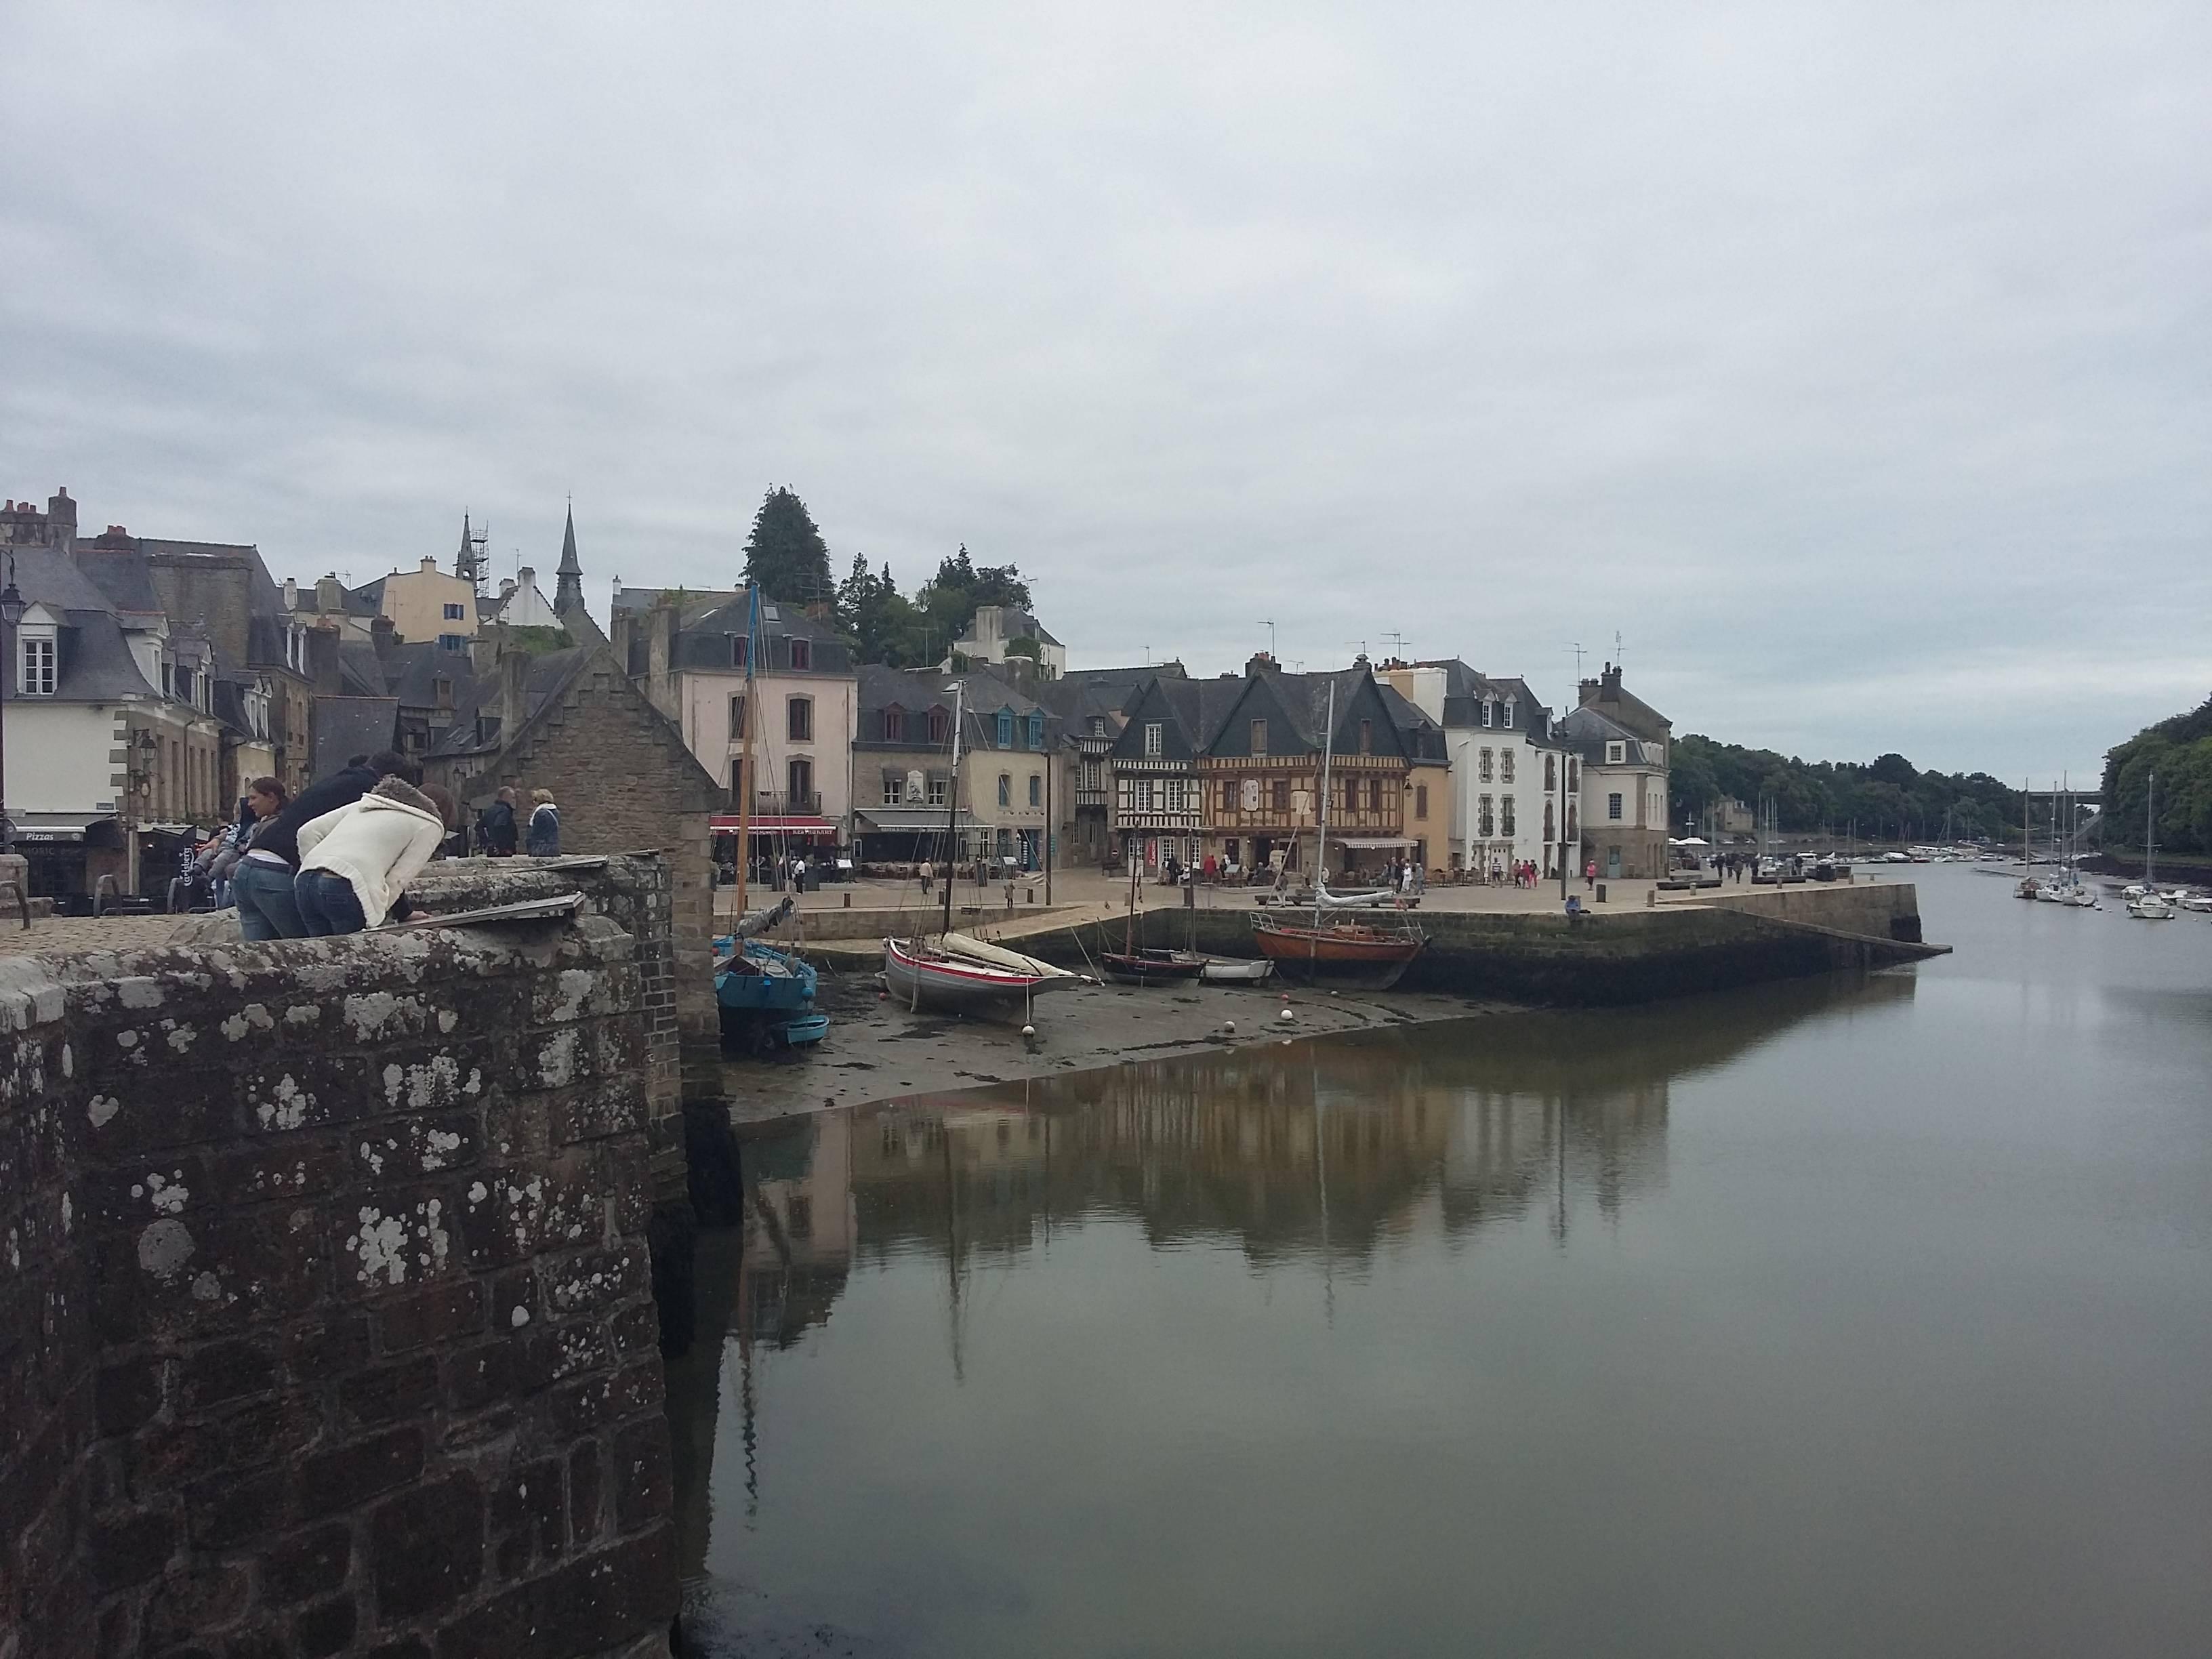 Photo 1: Saint-goustan, le port caché